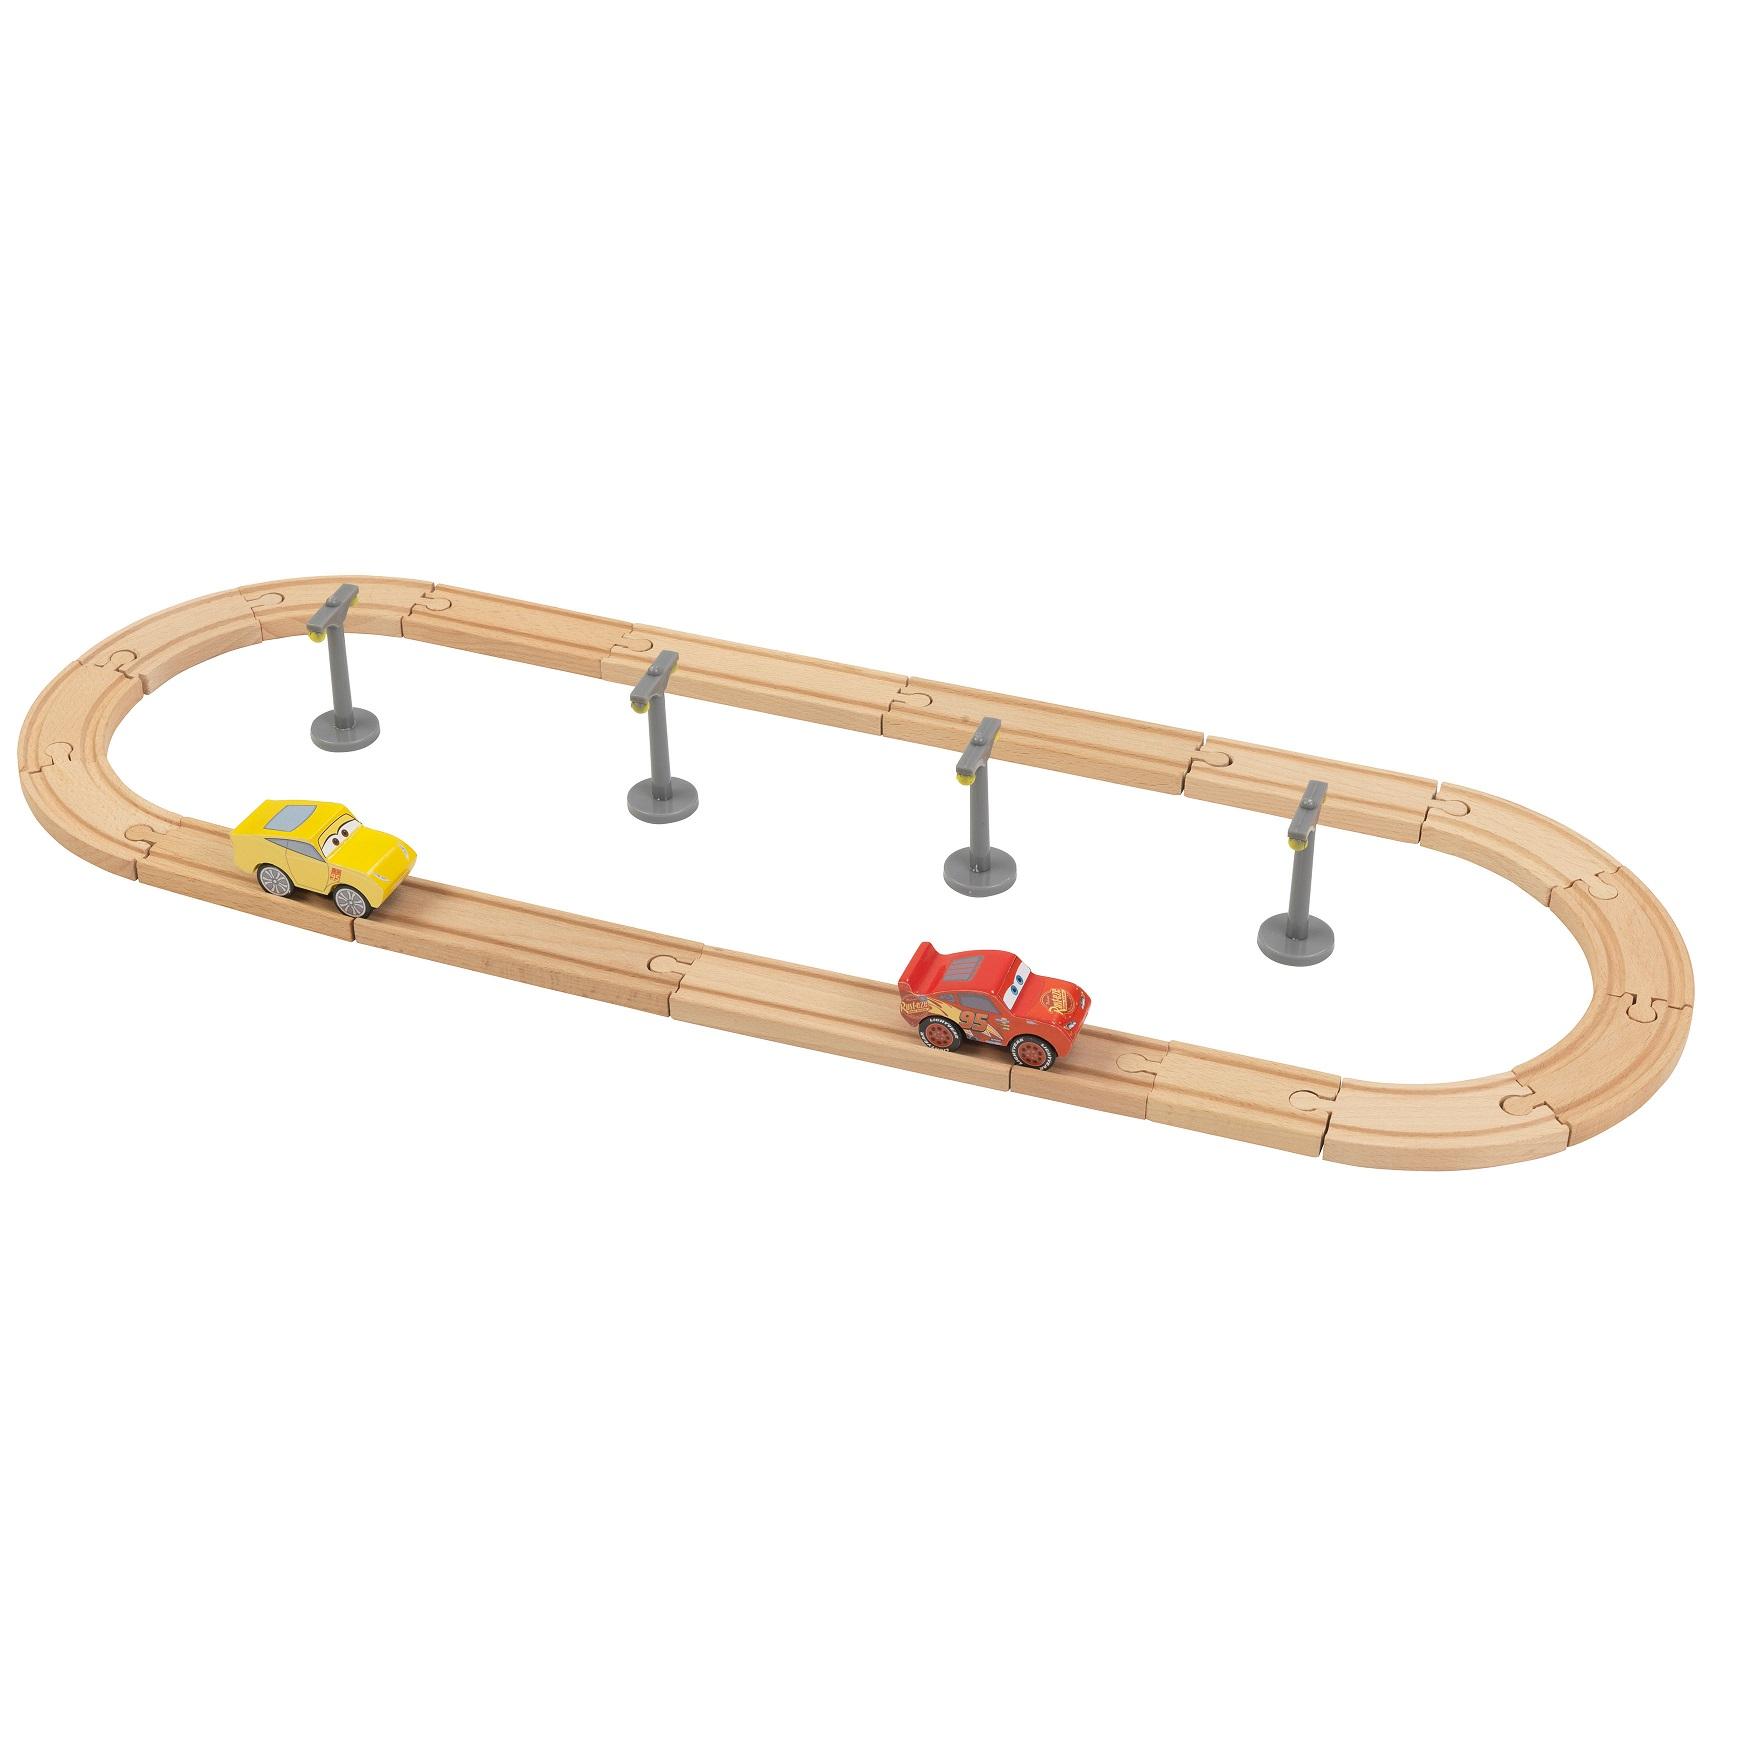 pack pista de carretera de madera disney® pixar cars 3 - 17213 Imagen 2